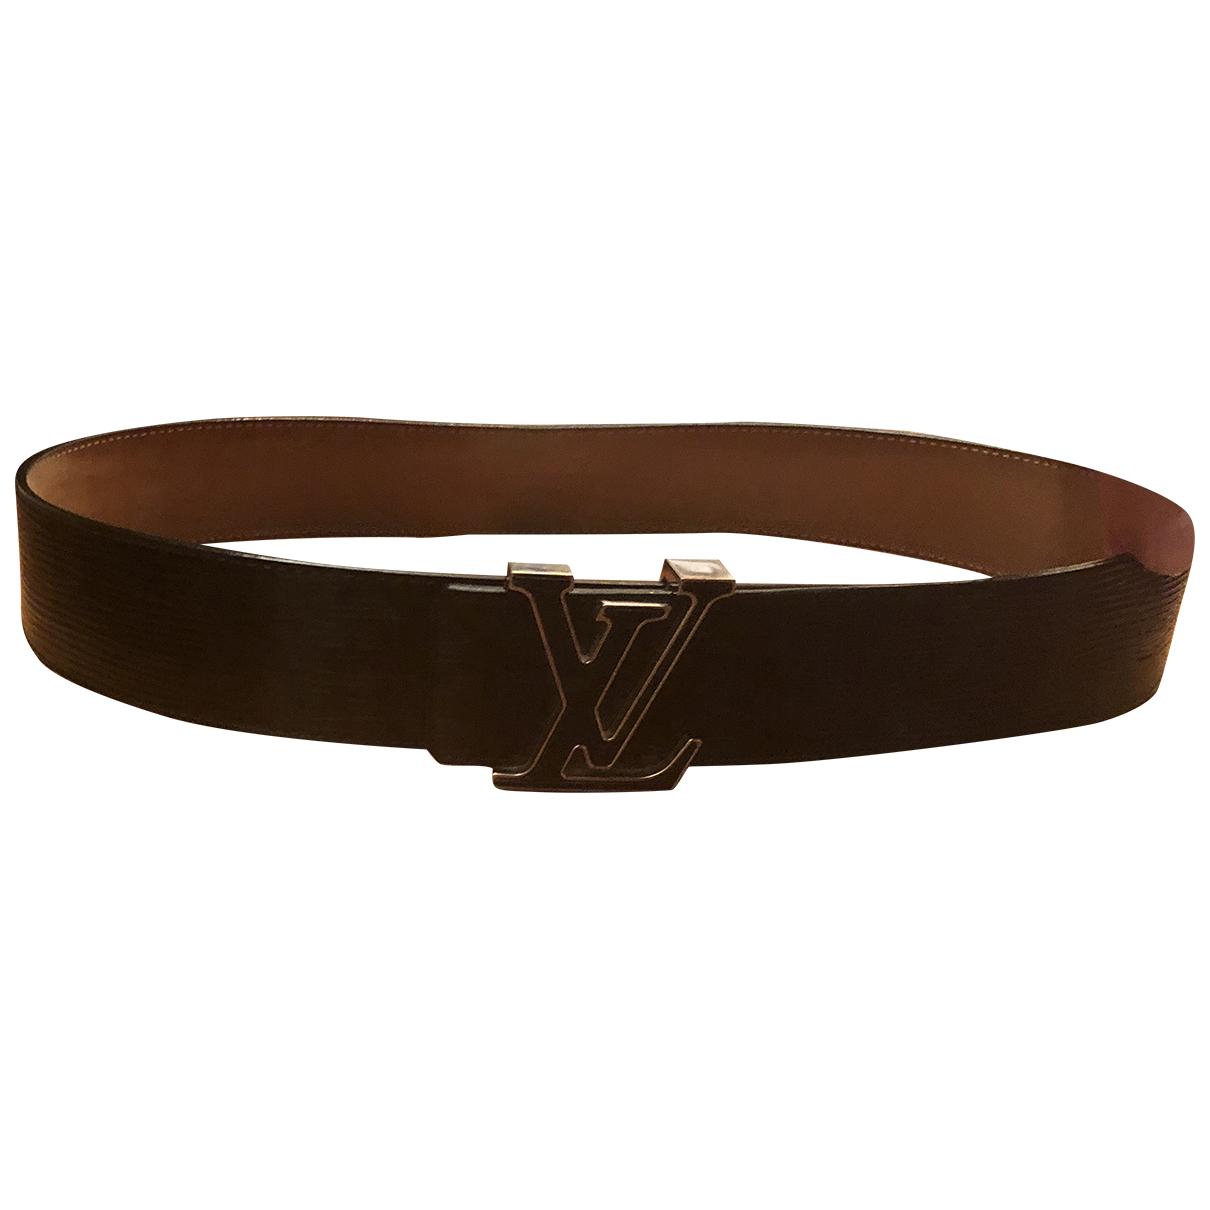 Louis Vuitton N Black Patent leather belt for Men 85 cm